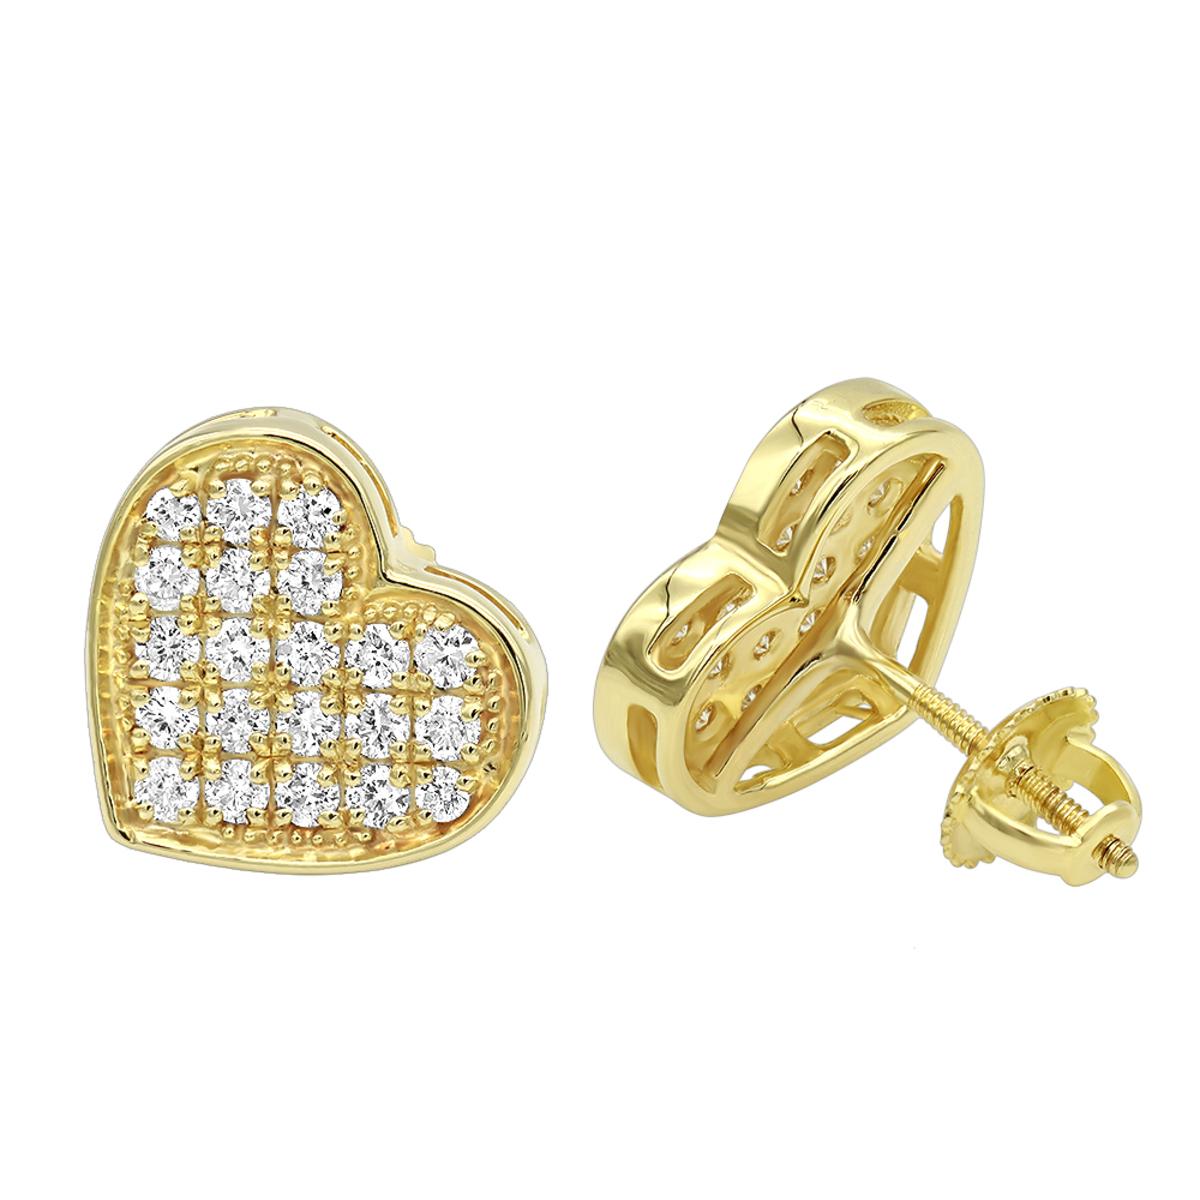 Luxurman Heart Shaped Diamond Earrings for Women 14k Gold Studs 0.76ct